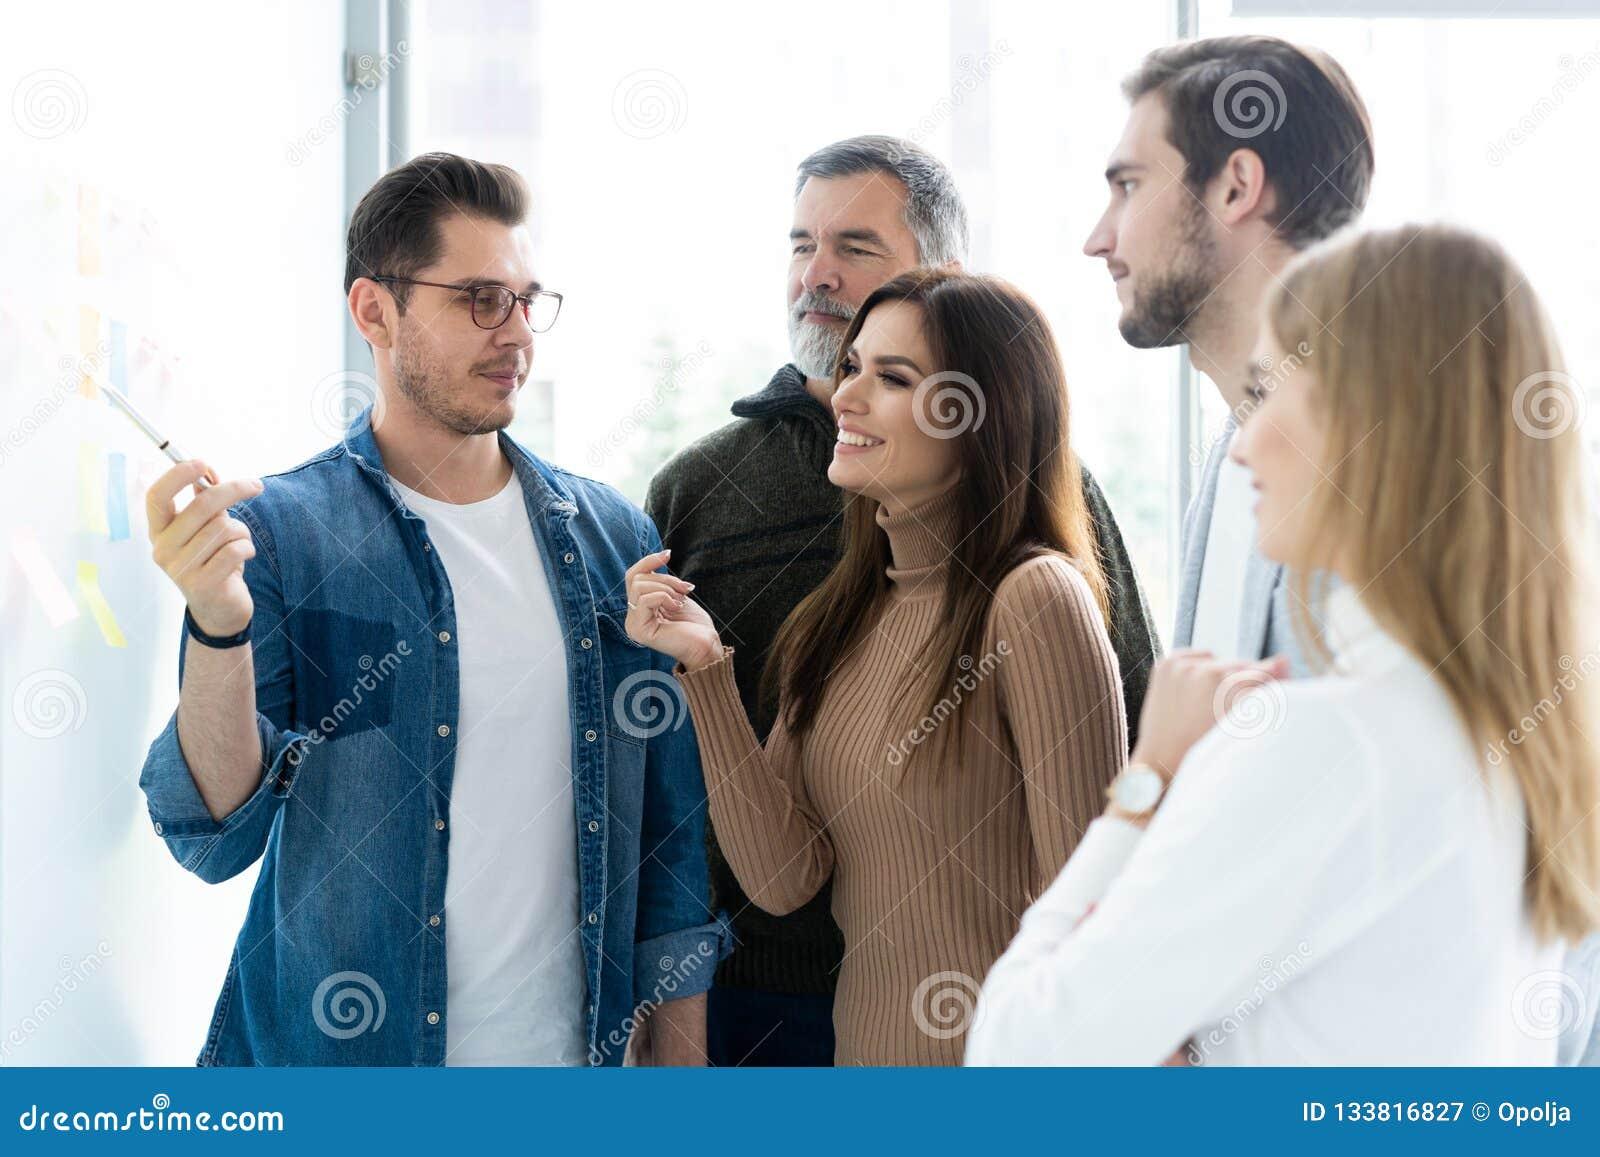 Επιχείρηση, εκπαίδευση και έννοια γραφείων - επιχειρησιακή ομάδα με τον πίνακα κτυπήματος στην αρχή συζητώντας κάτι